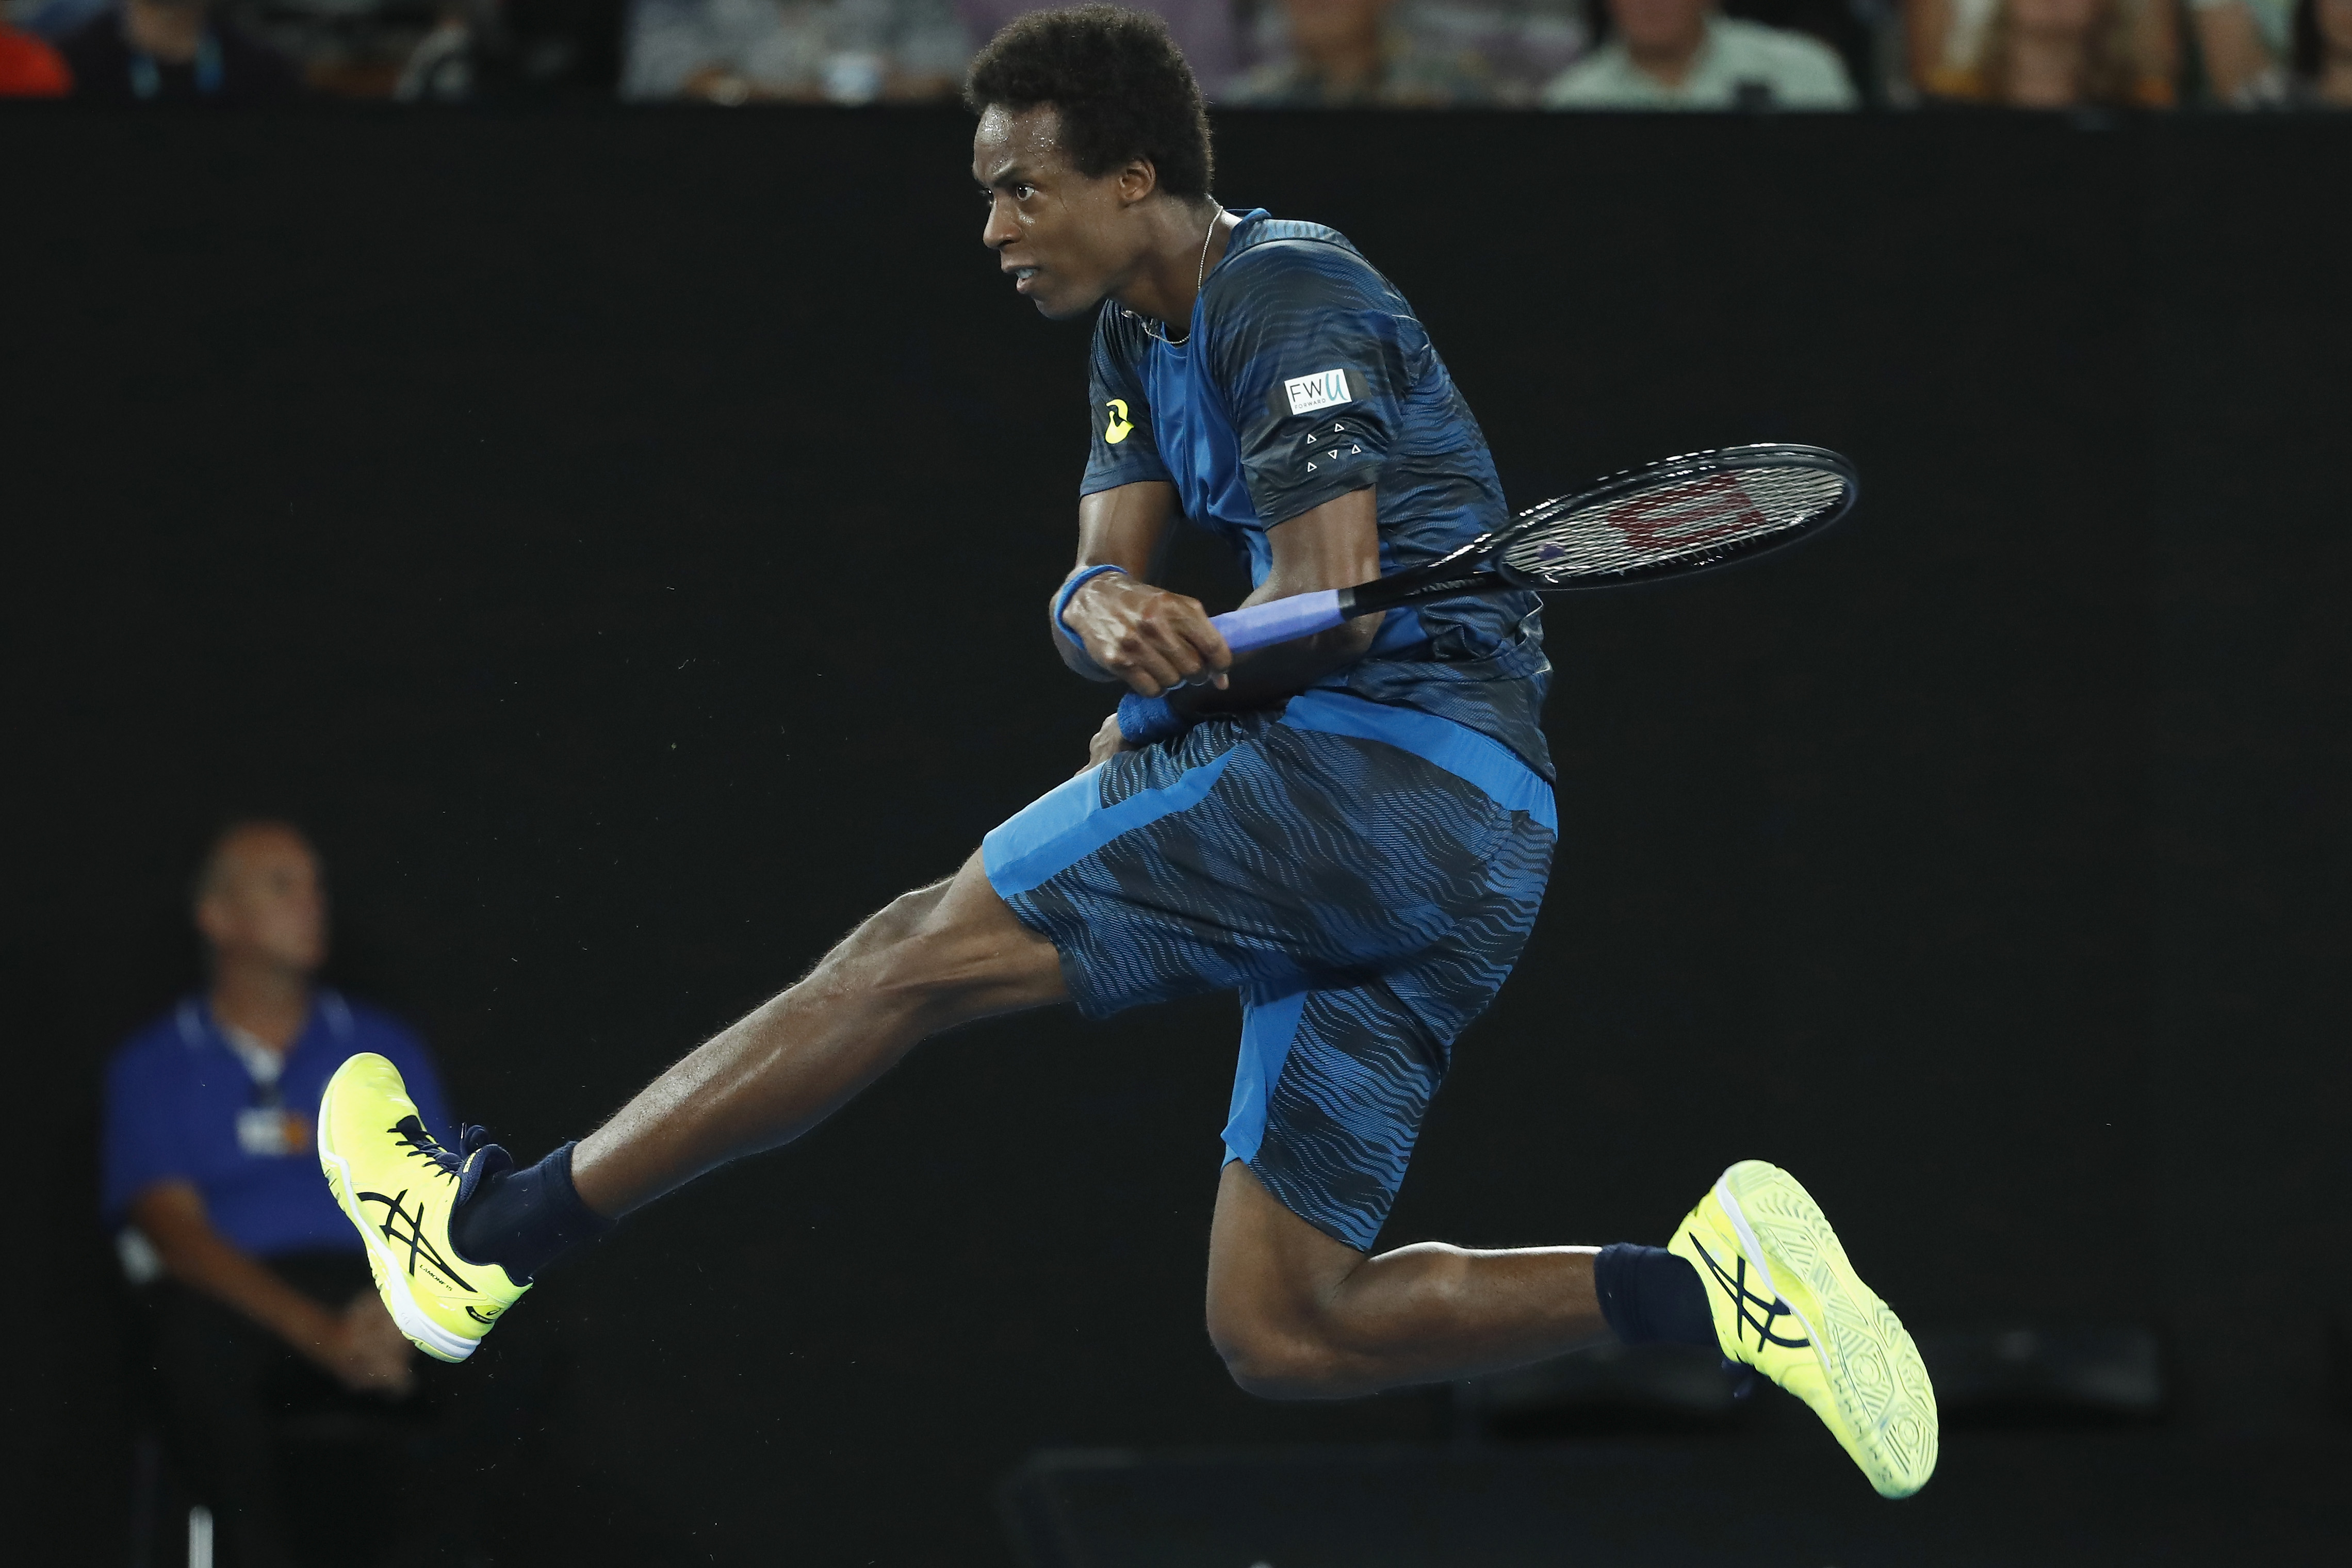 Gael Monfils steht für spaktakuläres Tennis. Mit seinen artistischen Einlagen begeistert der Franzose jedes Publikum.